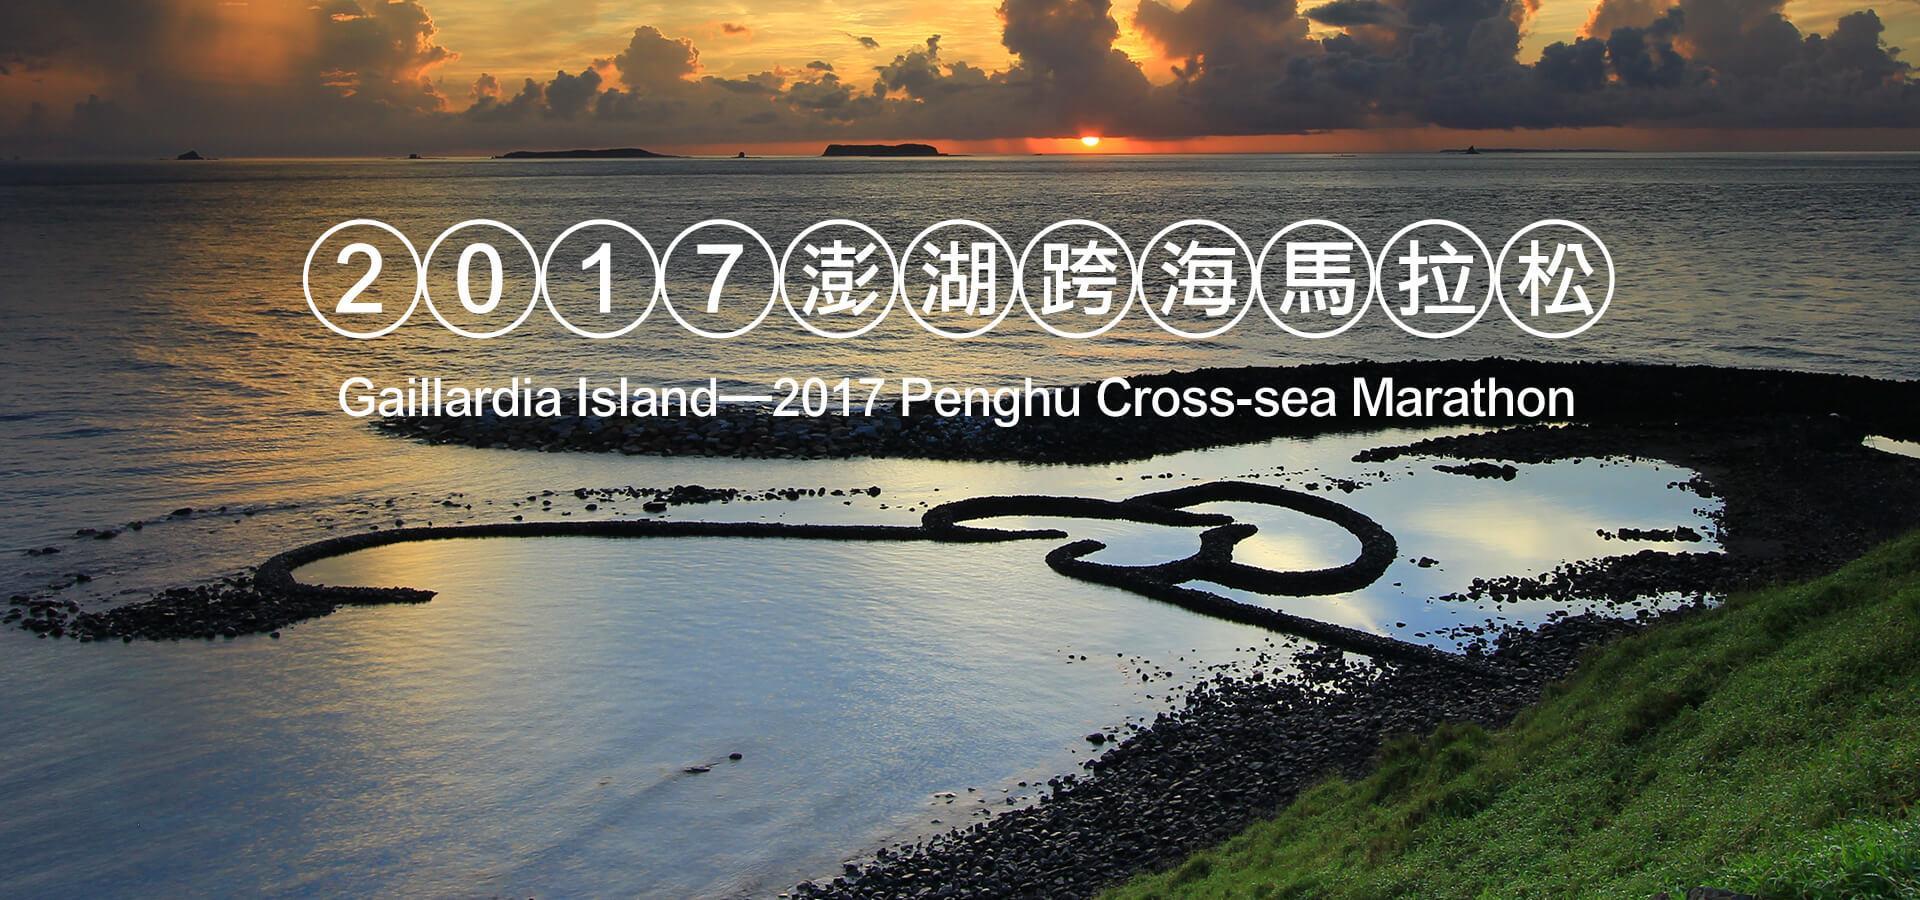 2017菊島 澎湖跨海馬拉松